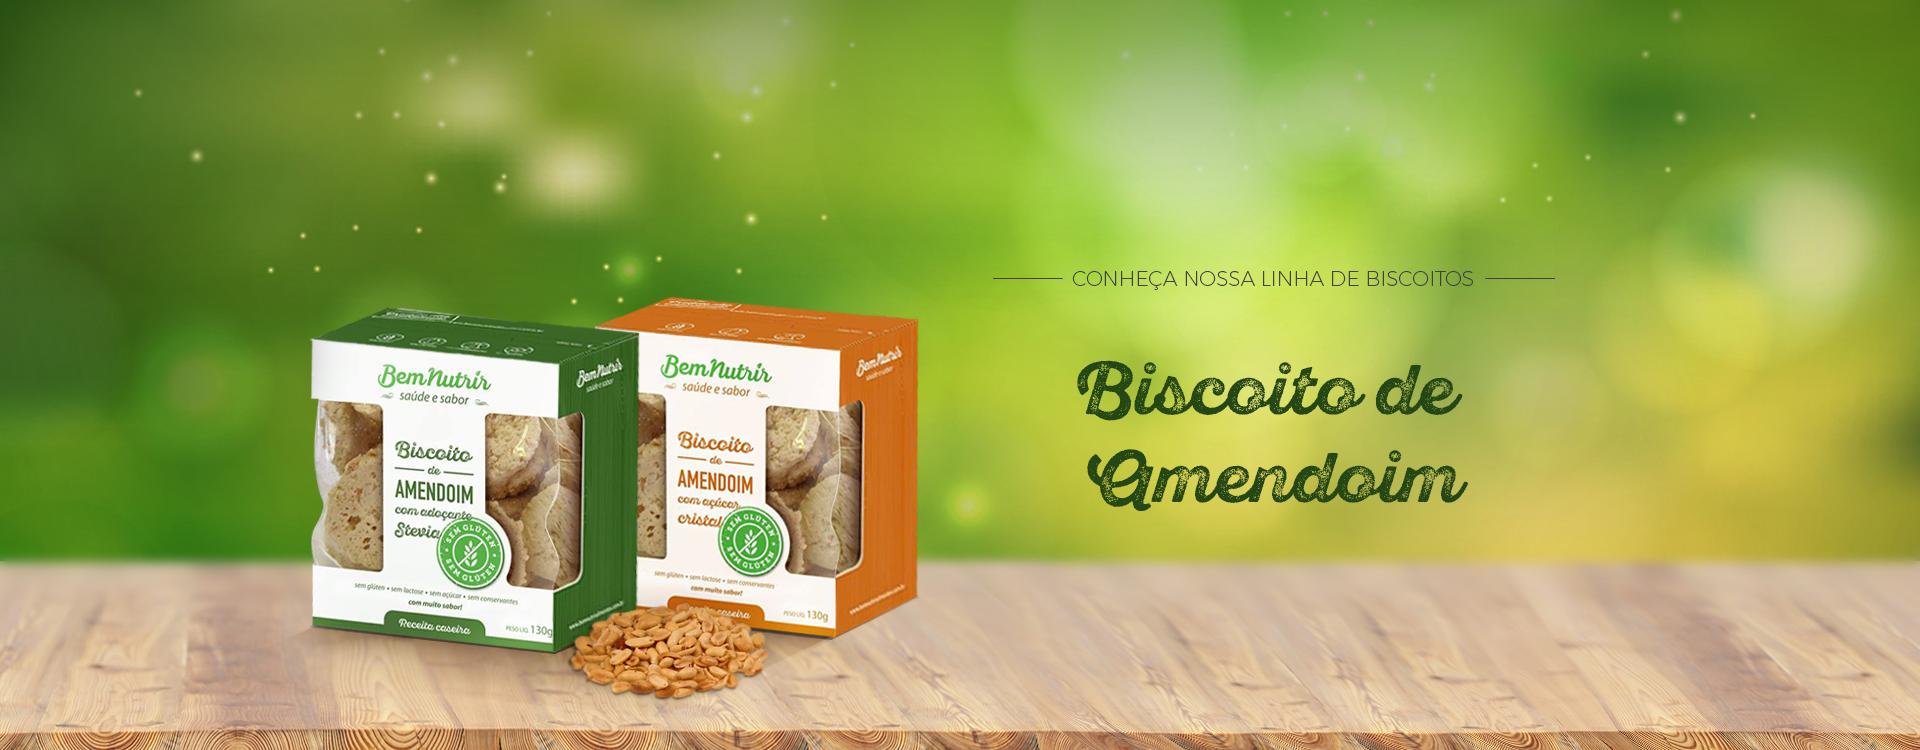 biscoito-amendoim